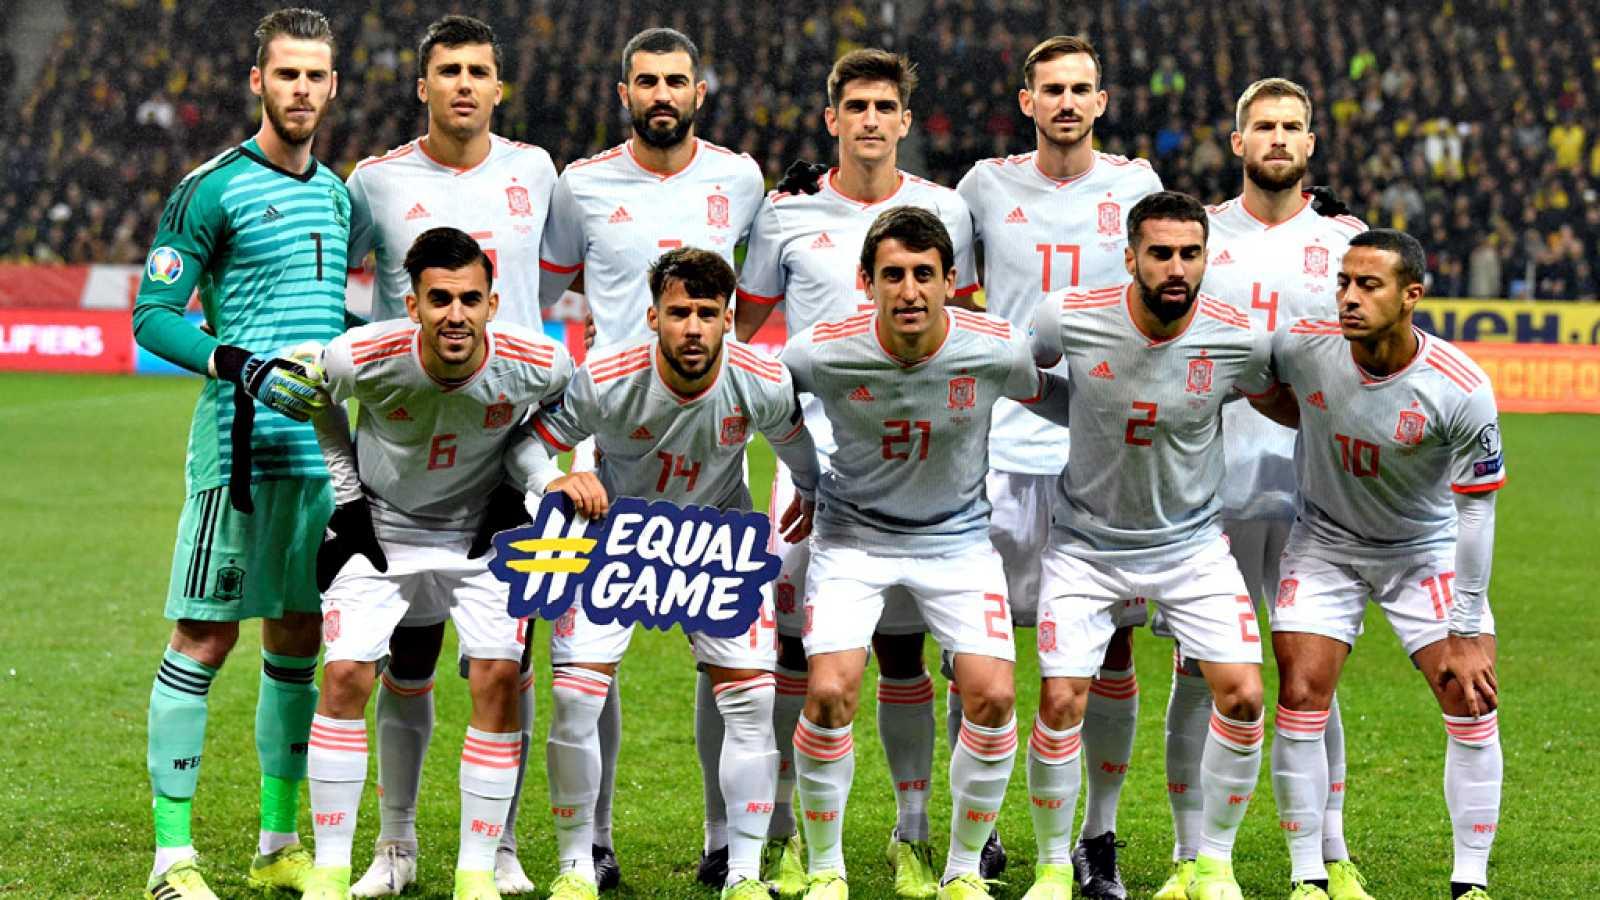 La selección española de fútbol conocerá este sábado cuales serán  sus primeros tres rivales de la fase de grupos en la Eurocopa 2020,  un sorteo que se llevará a cabo en Bucarest a partir de las 18.00  horas y con potenciales enemigos de nivel para